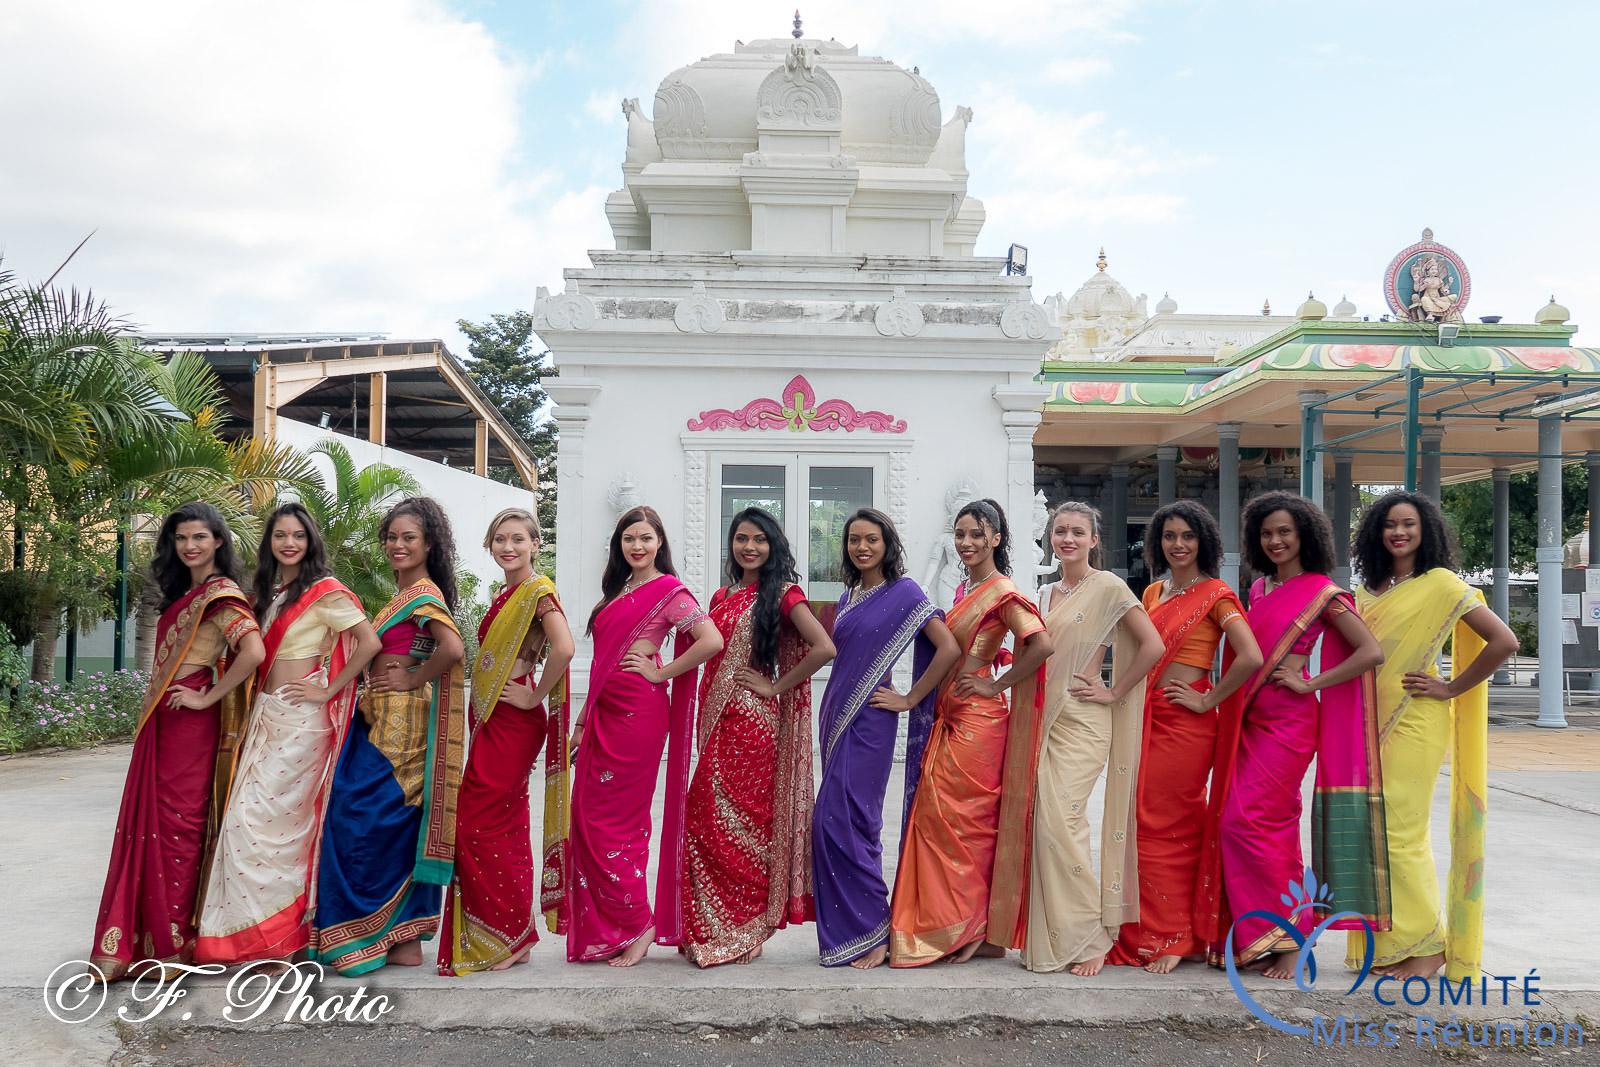 Les 12 candidates Miss Réunion 2021, magnifiques en sari et pieds nus au temple tamoul